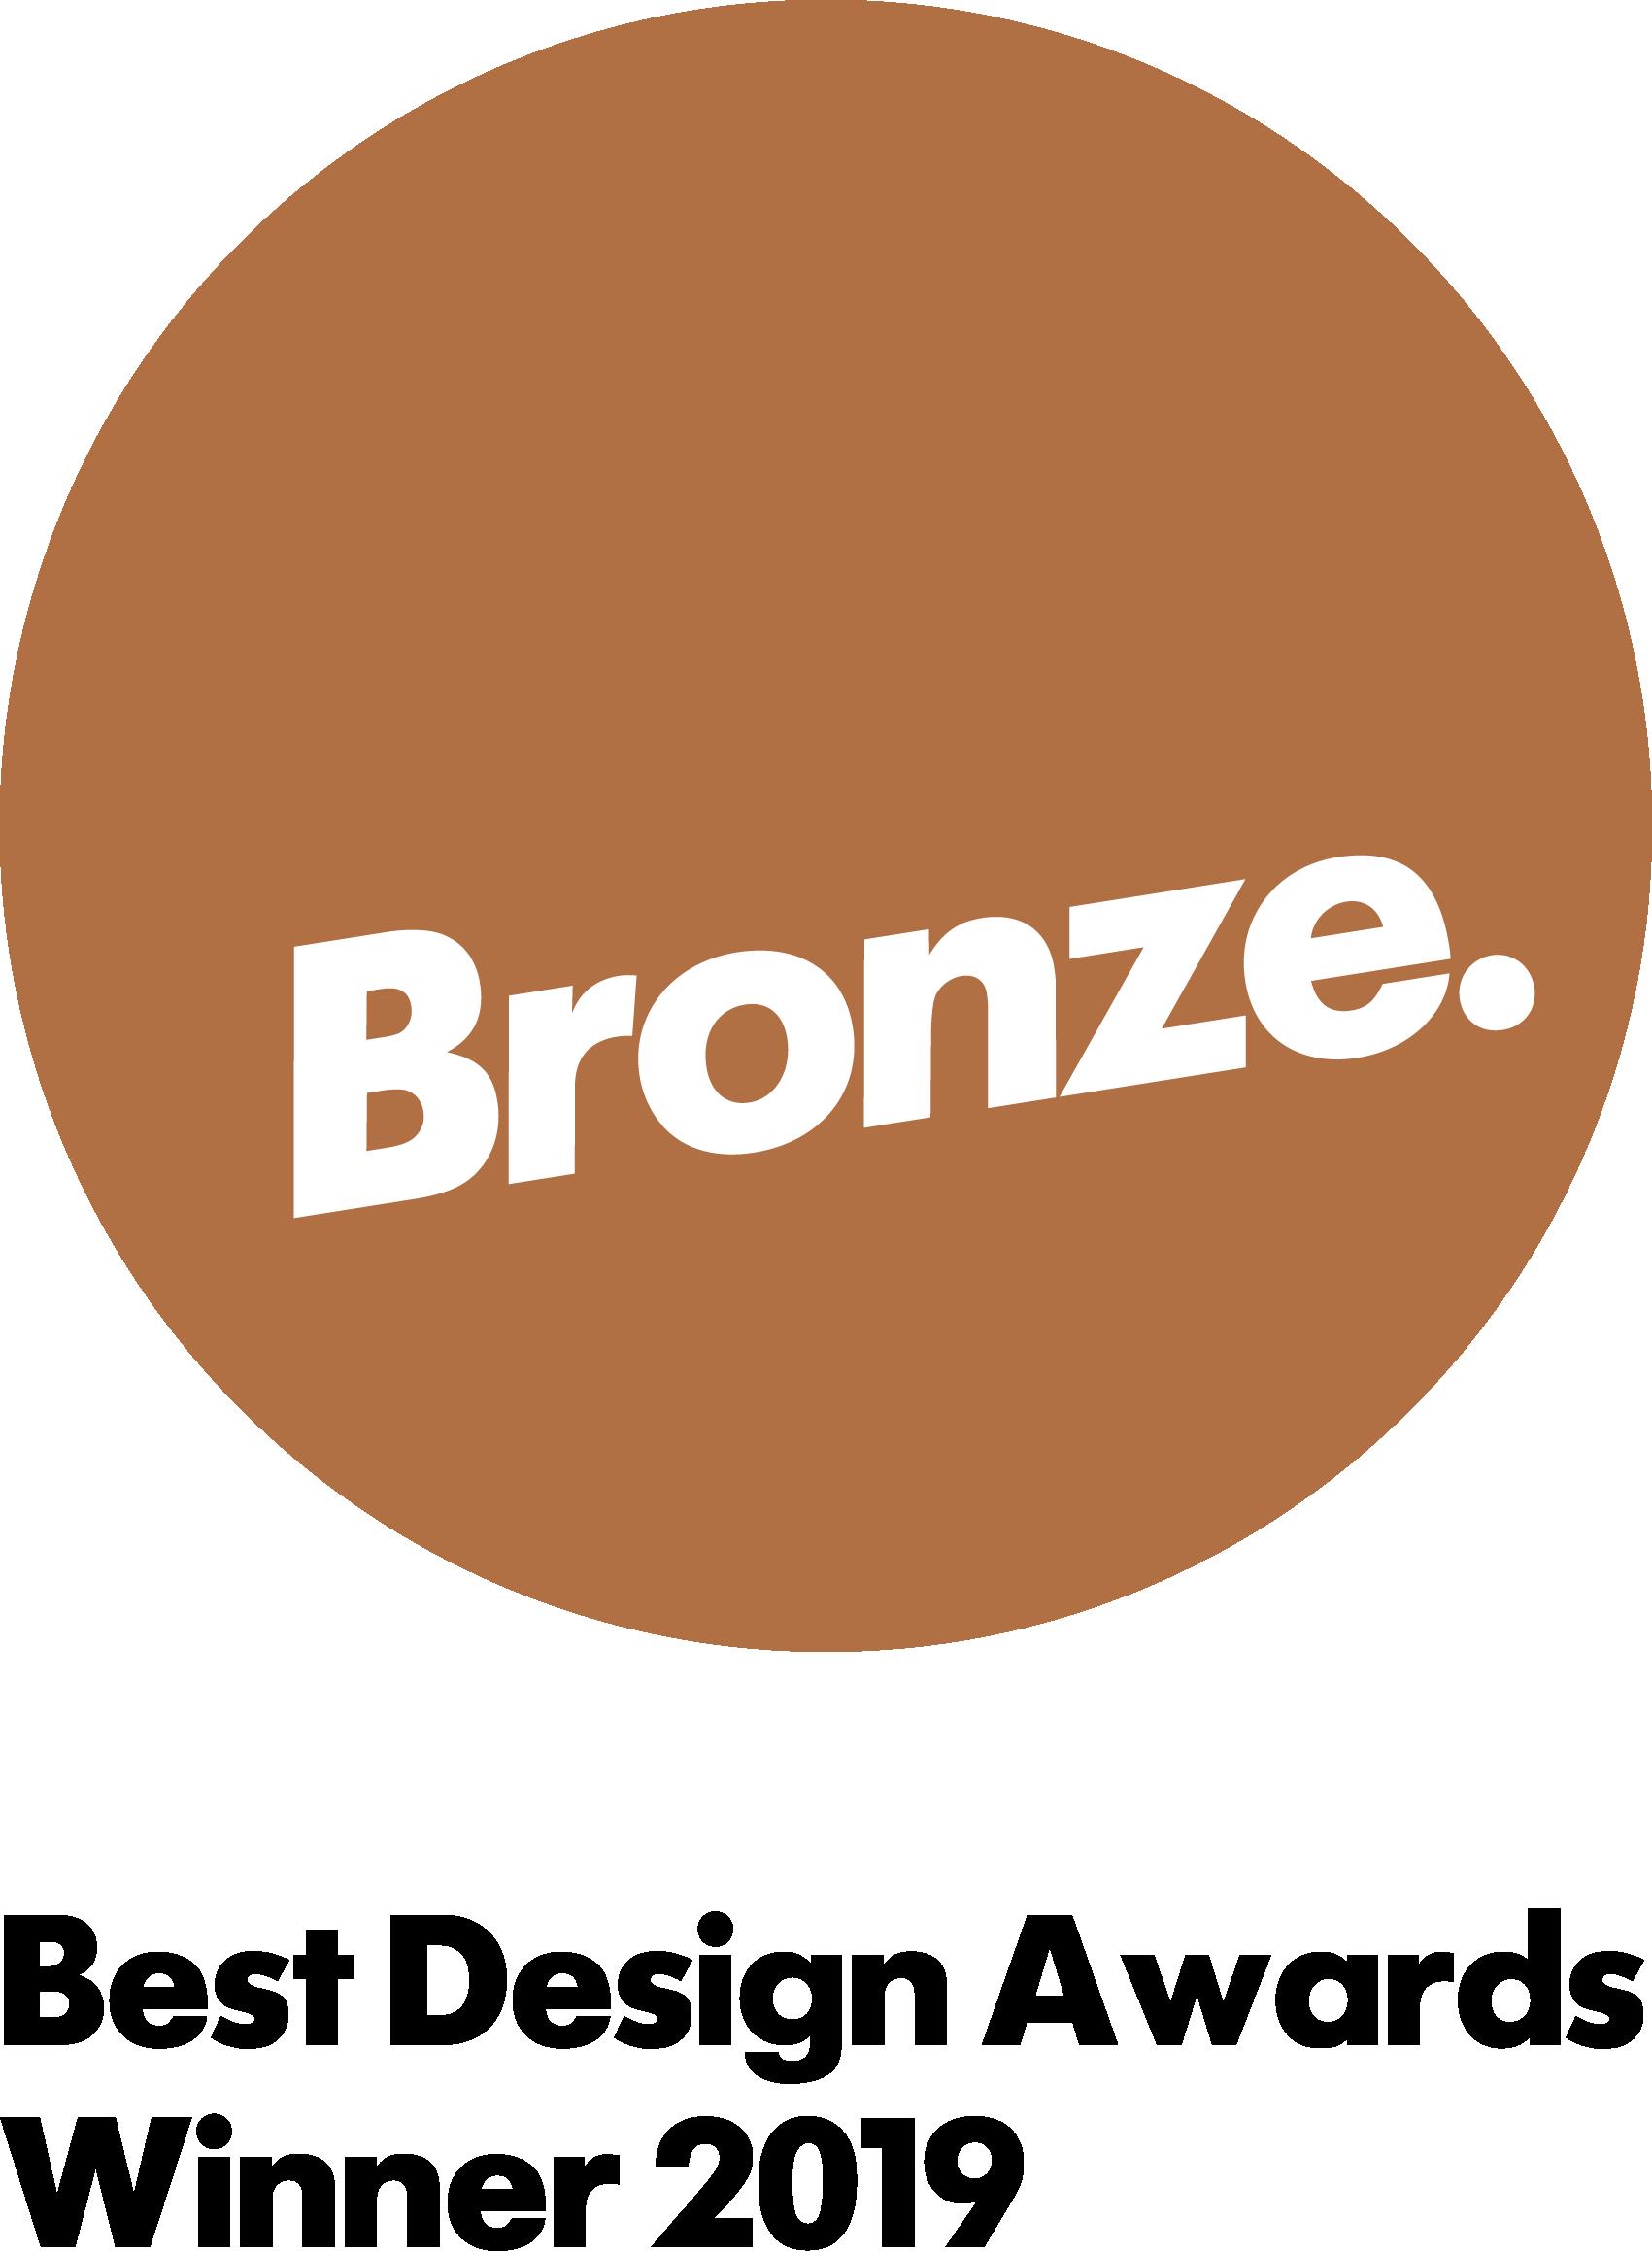 Best Template 2019 - Bronze Badge.png